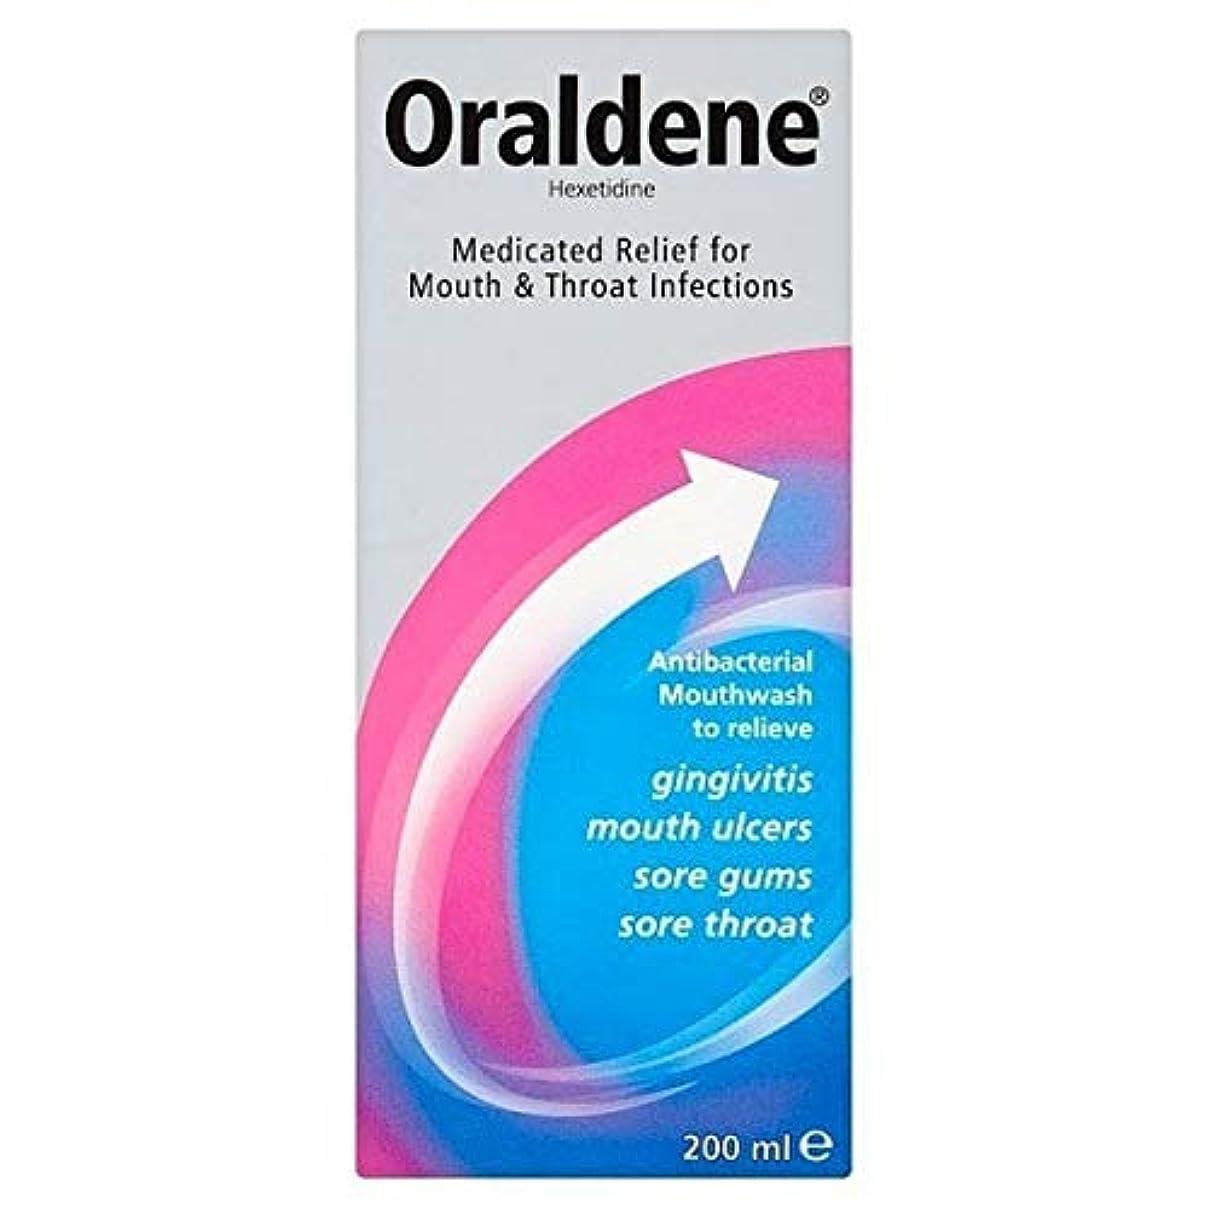 用量フリッパー参照[Oraldene] Oraldeneマウスウォッシュ200ミリリットル - Oraldene Mouthwash 200ml [並行輸入品]